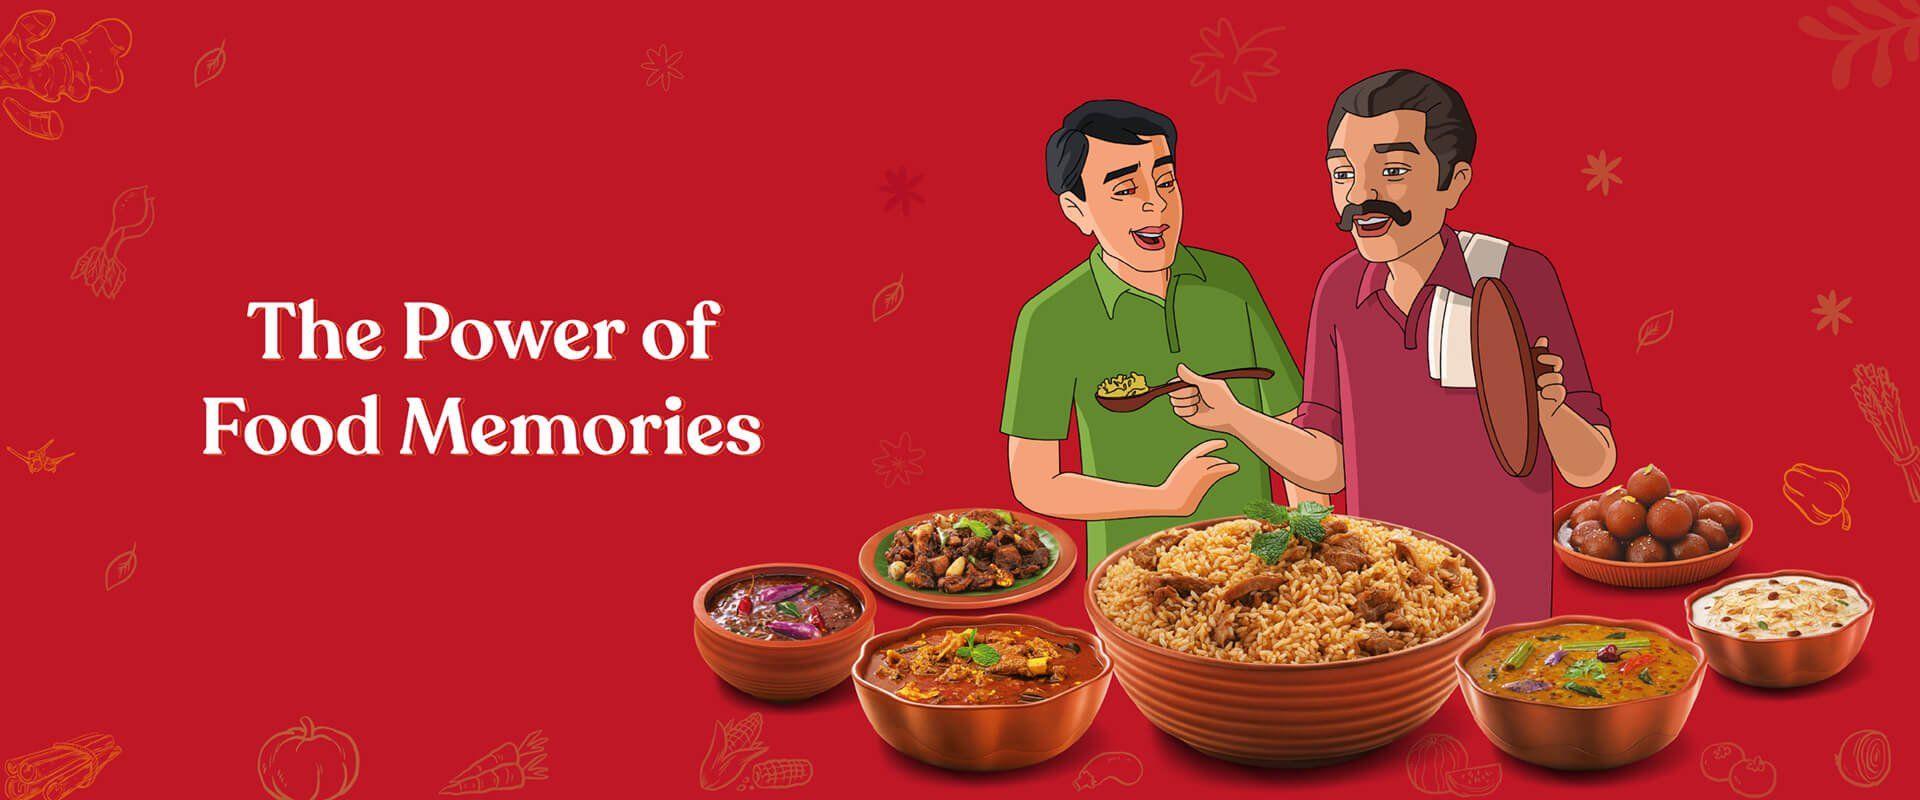 Powder of Food Memories